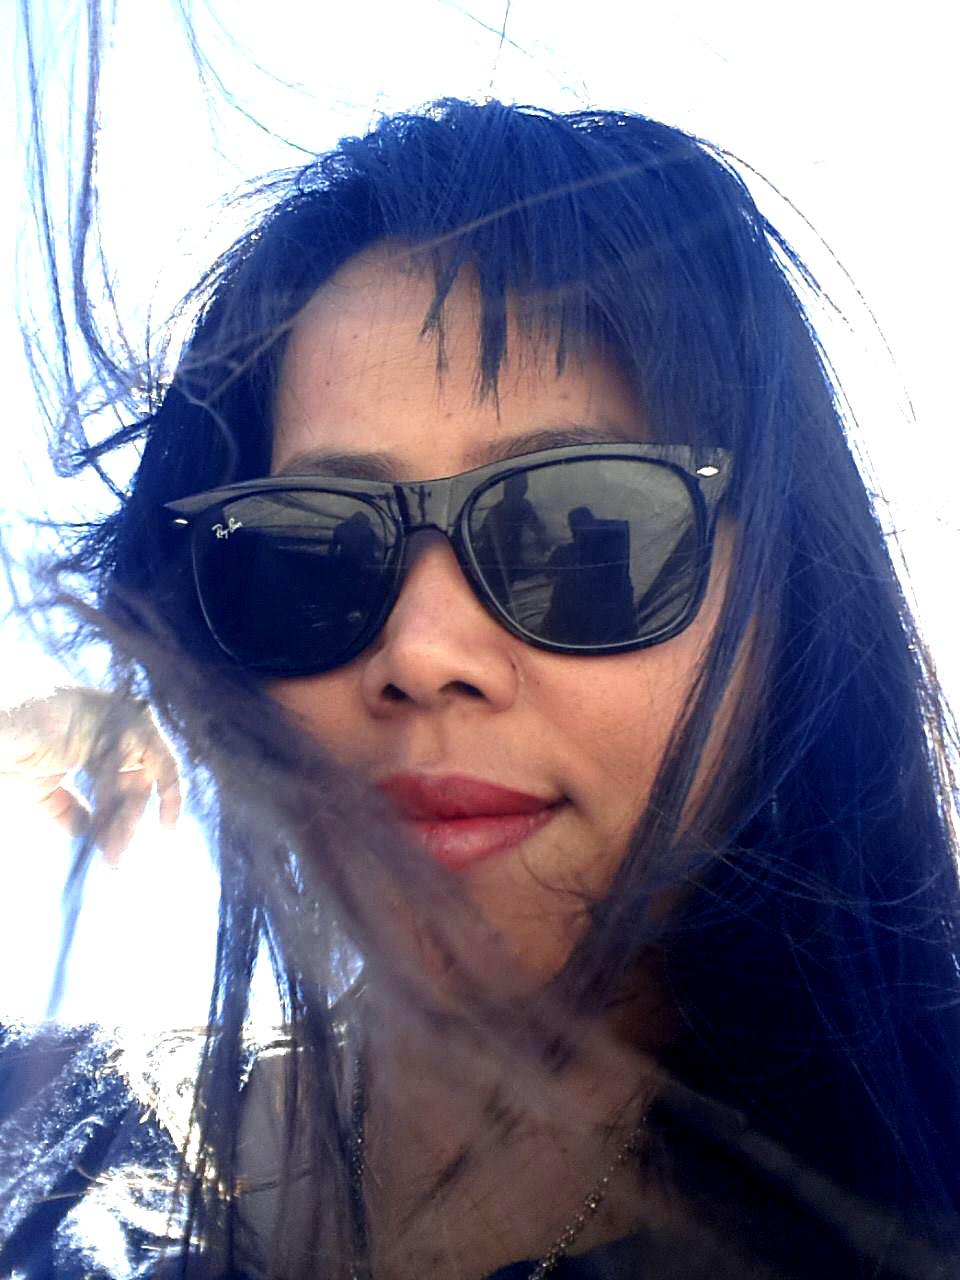 Kak Channthy: like a brilliant star she shines brightly